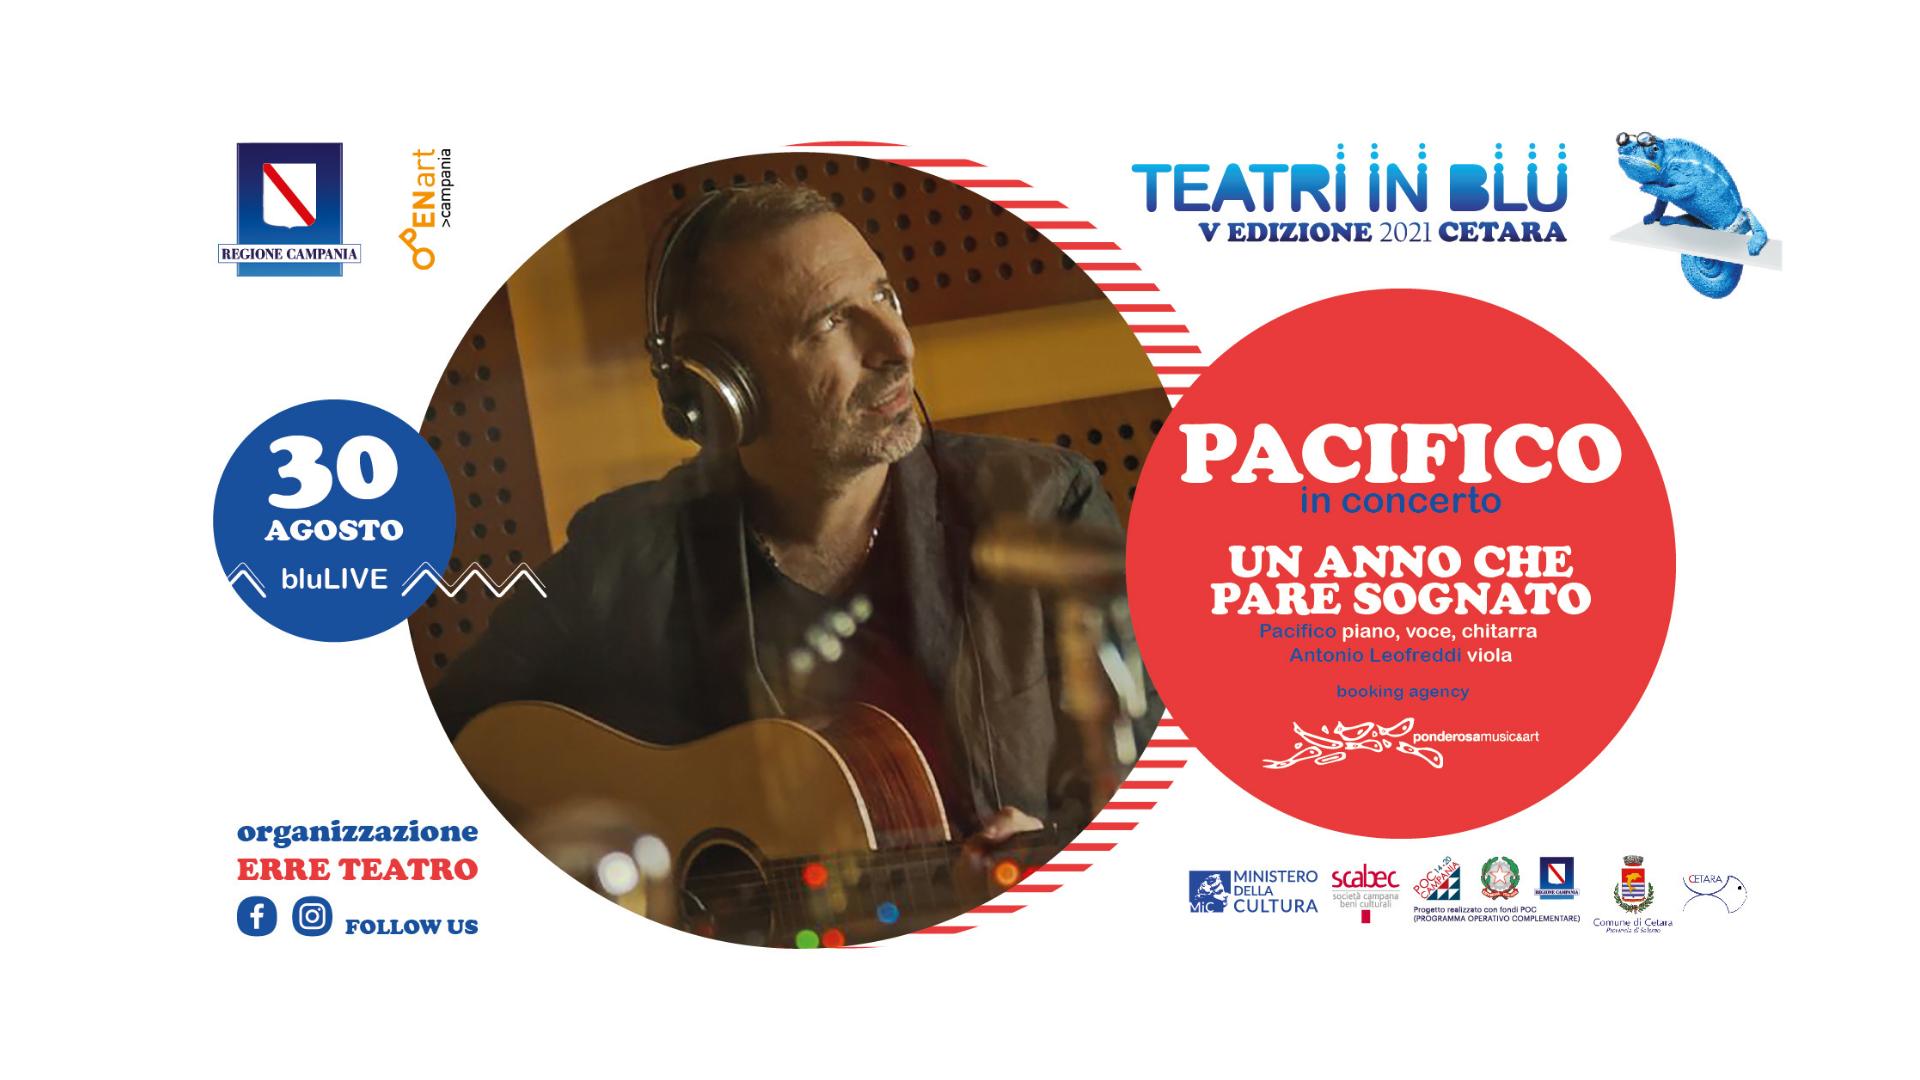 Teatri in Blu, stasera a Cetara il concerto di Pacifico